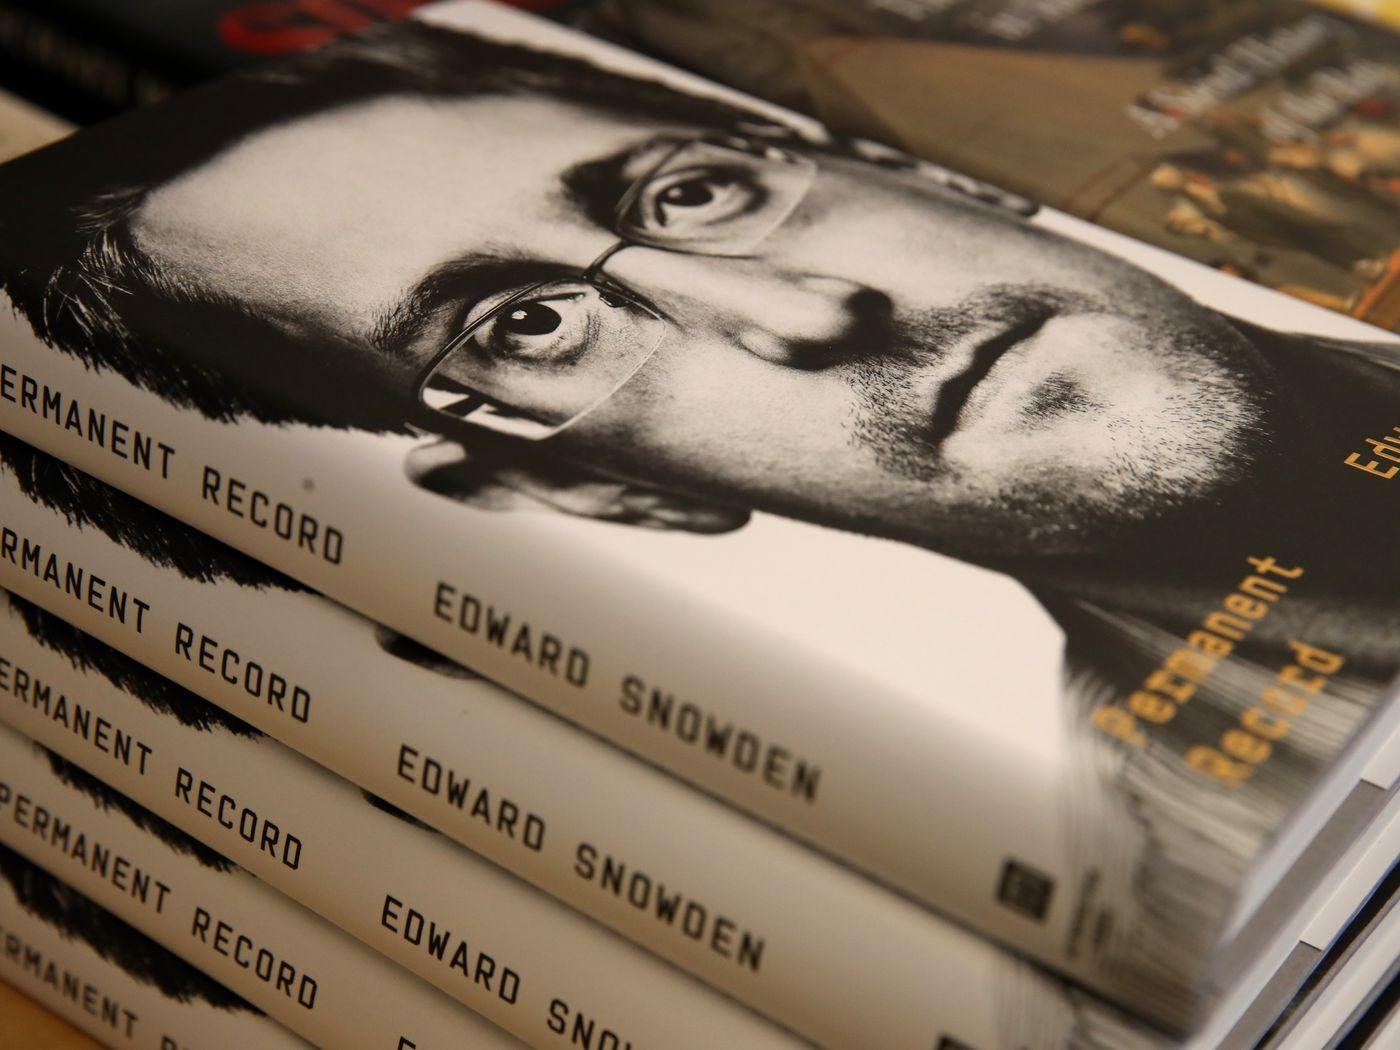 Edward Snowden Net Worth 2021